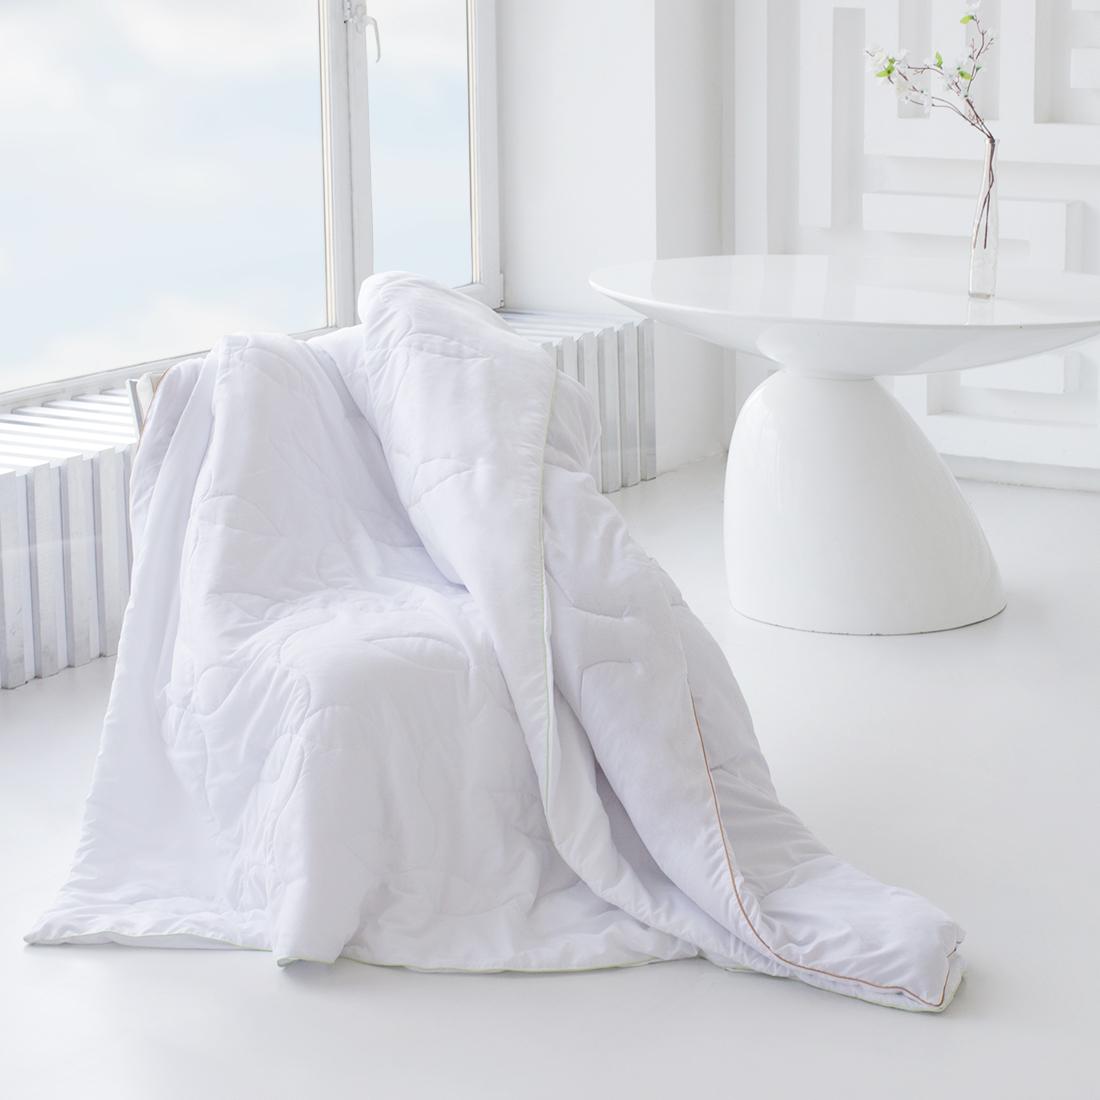 Комплект одеял Sleep iX, на магнитах 3 в 1, цвет: белый, 175х205 см